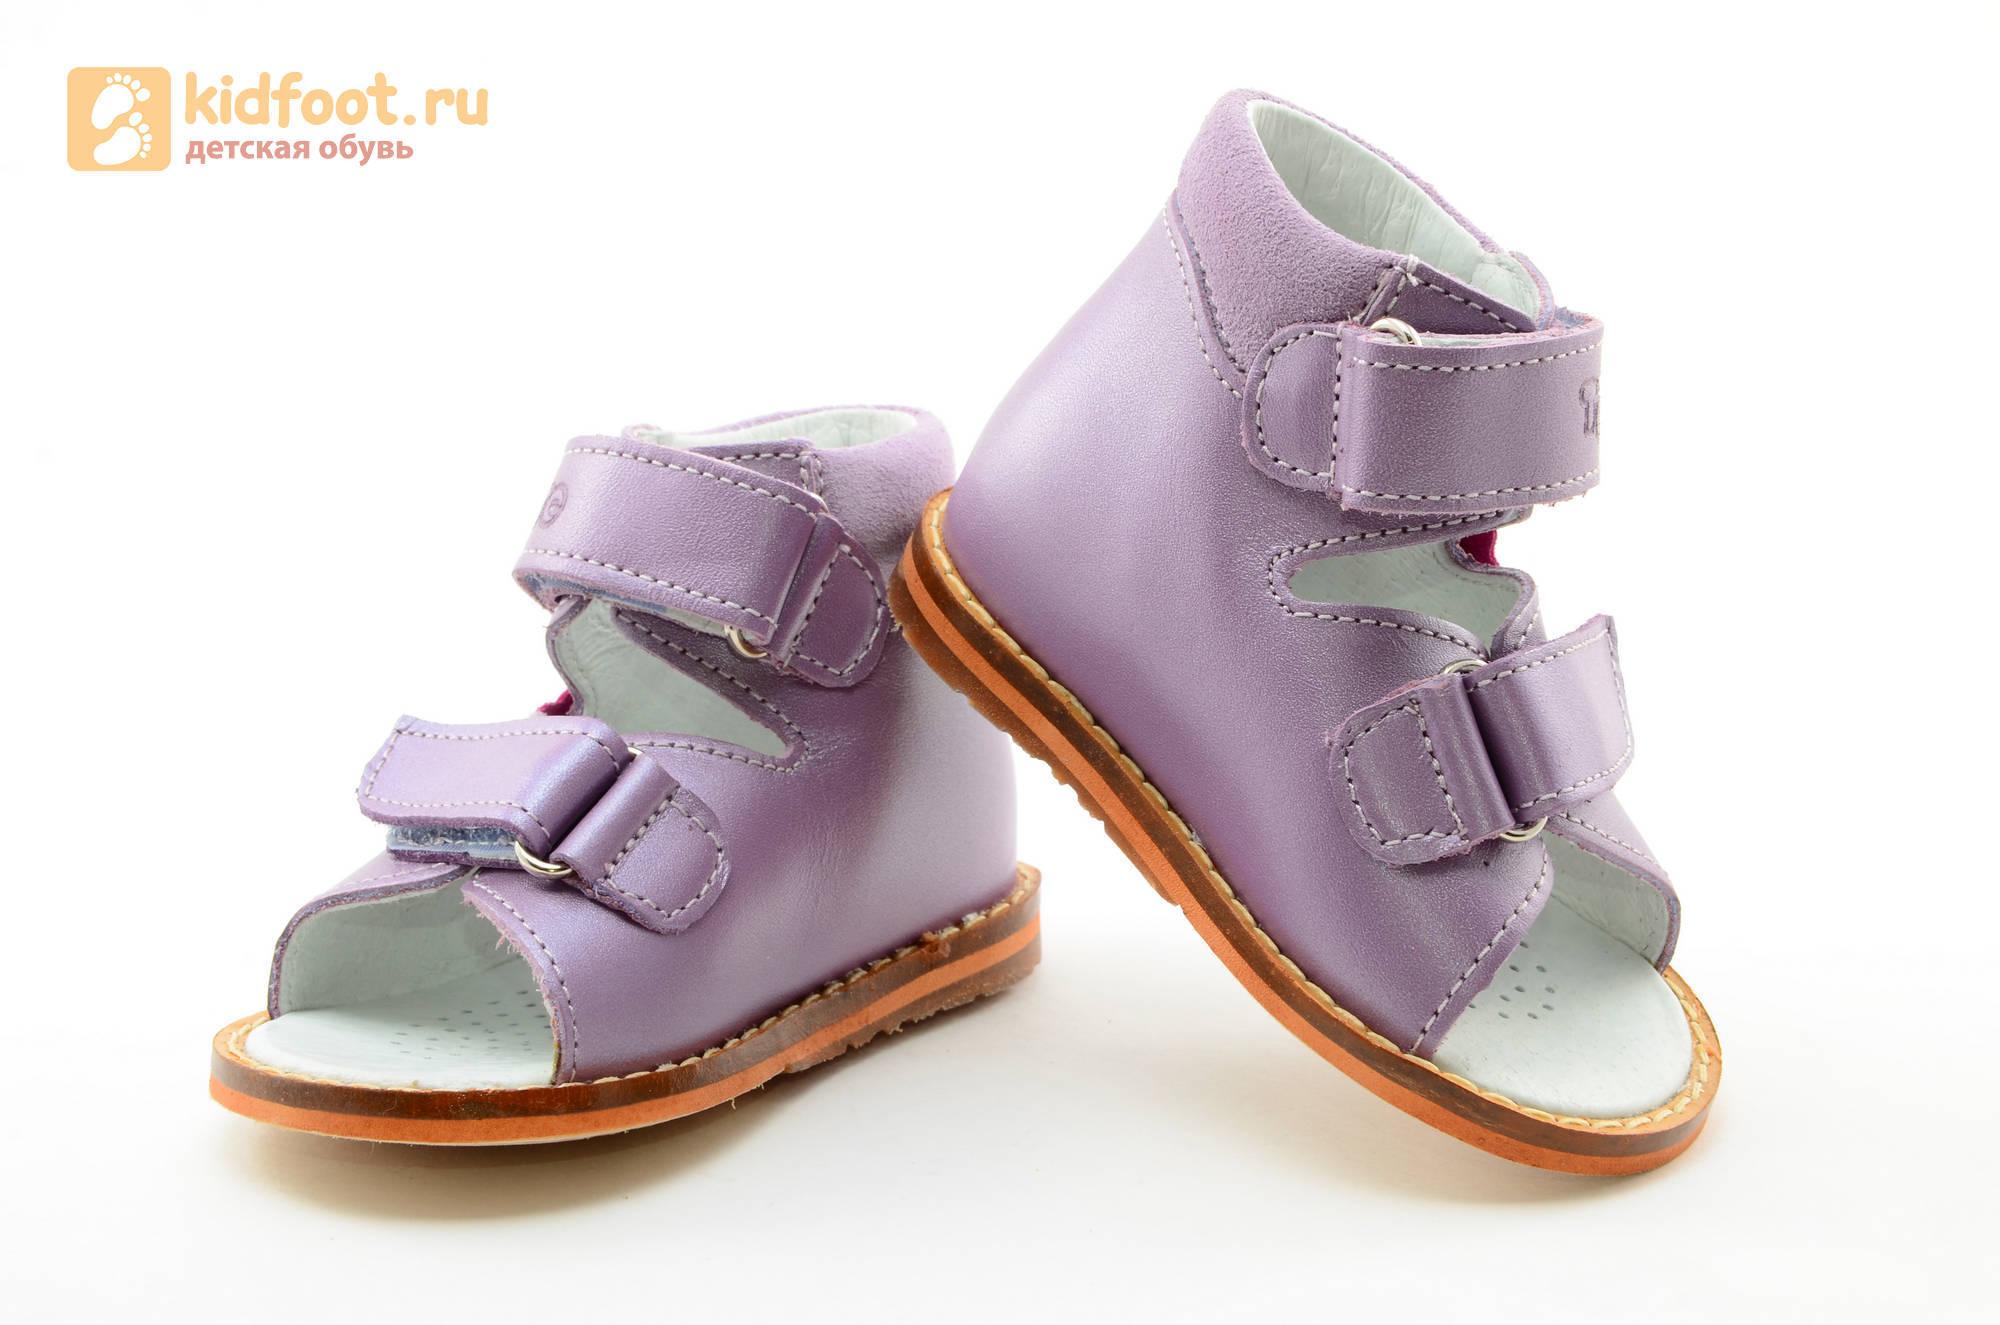 Босоножки на первый шаг Тотто из натуральной кожи на липучках для девочки, цвет сирень